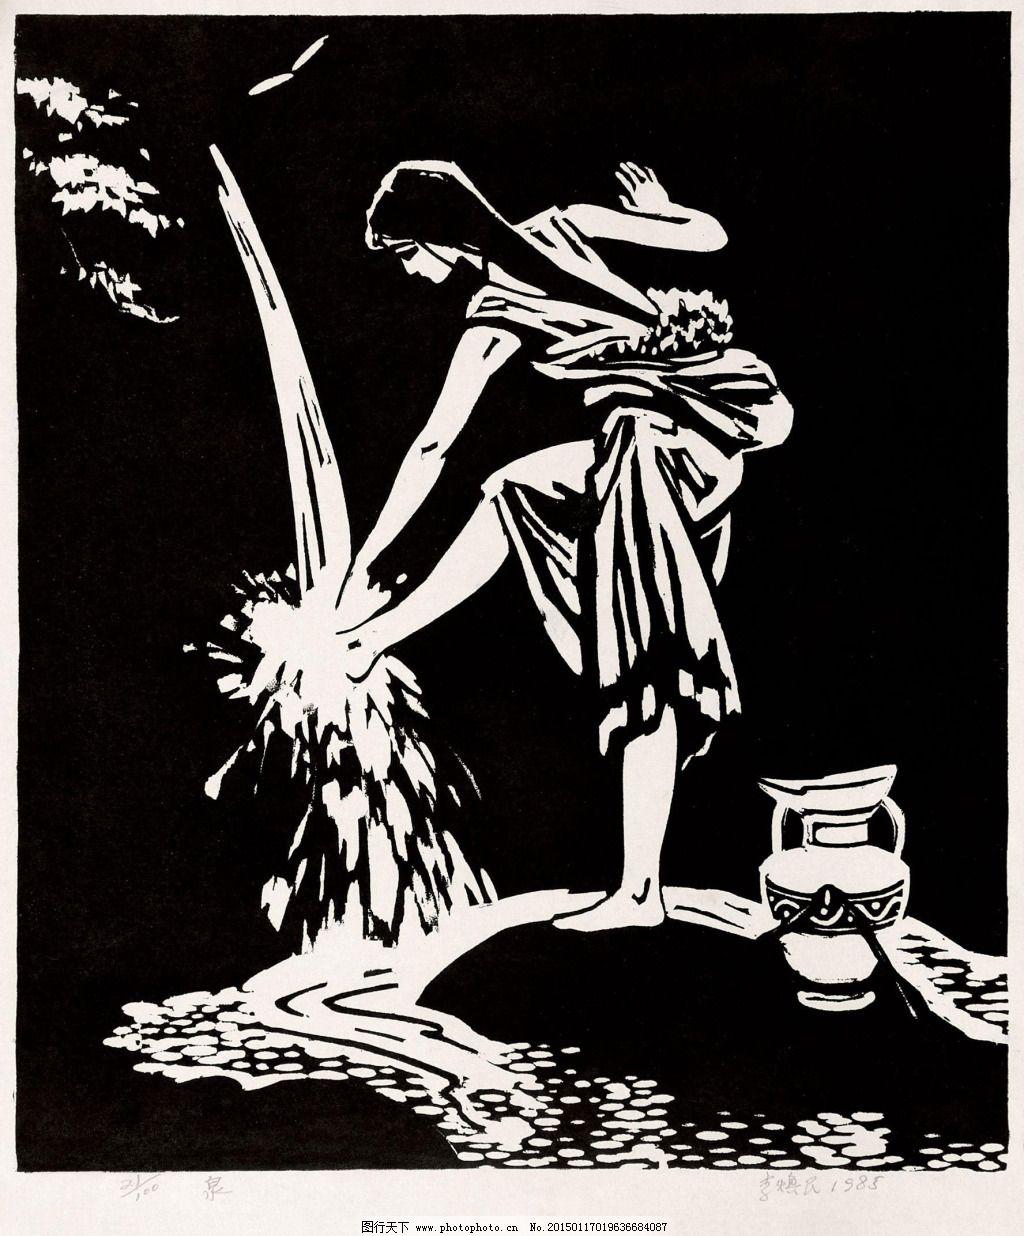 印痕造型的艺术 黑白木版画 刀与木的韵味 女青年 陶罐取水 李焕民